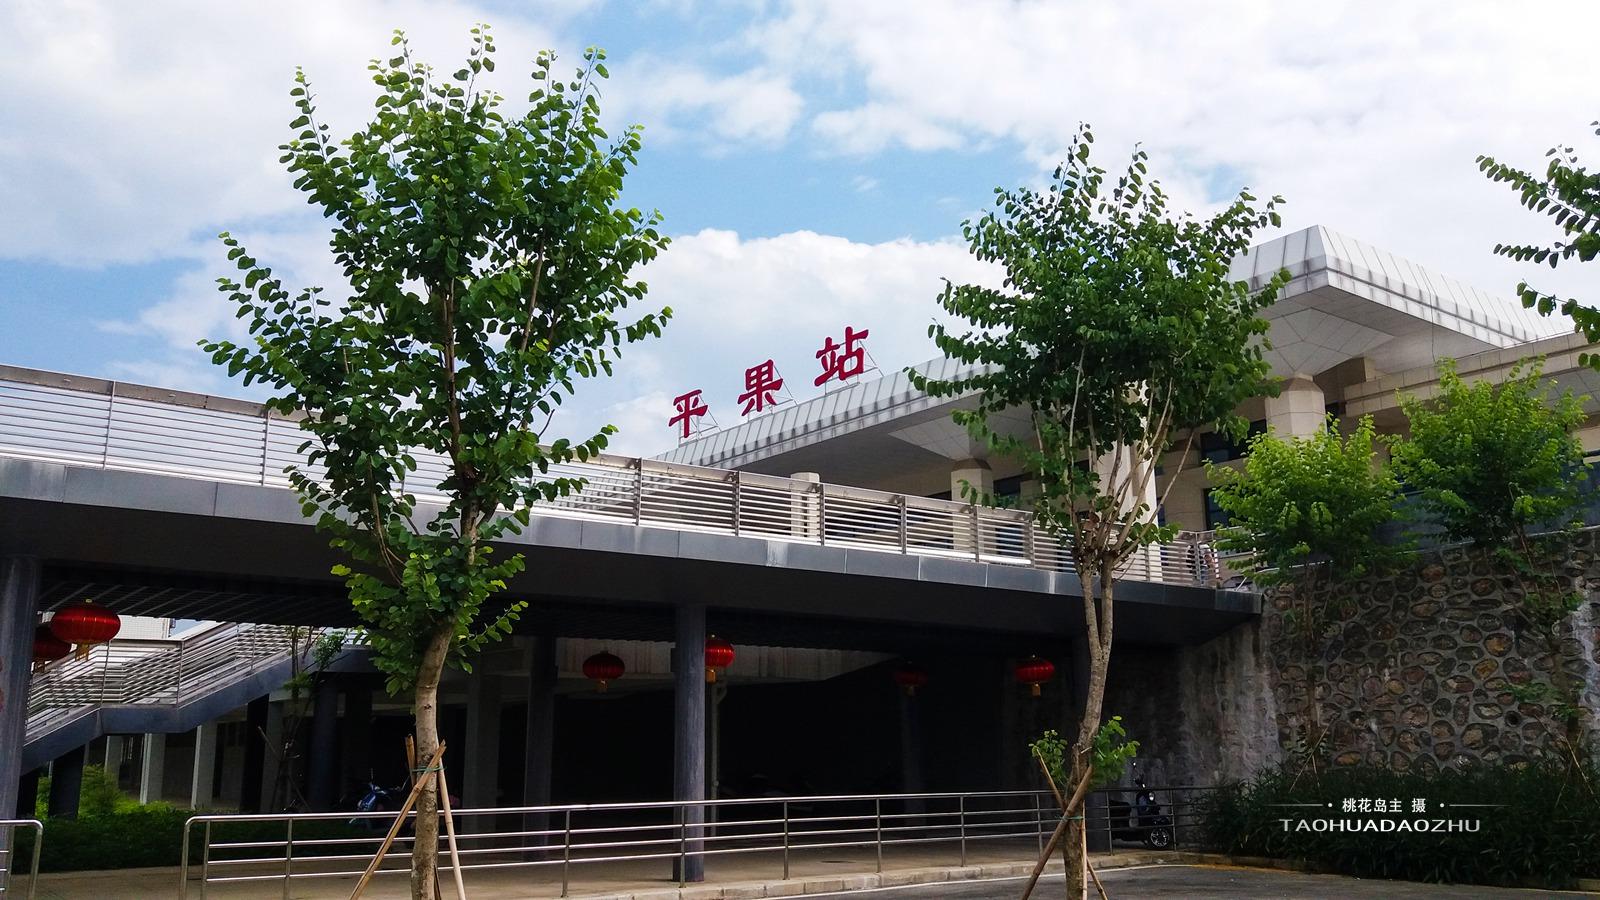 火车站3.jpg